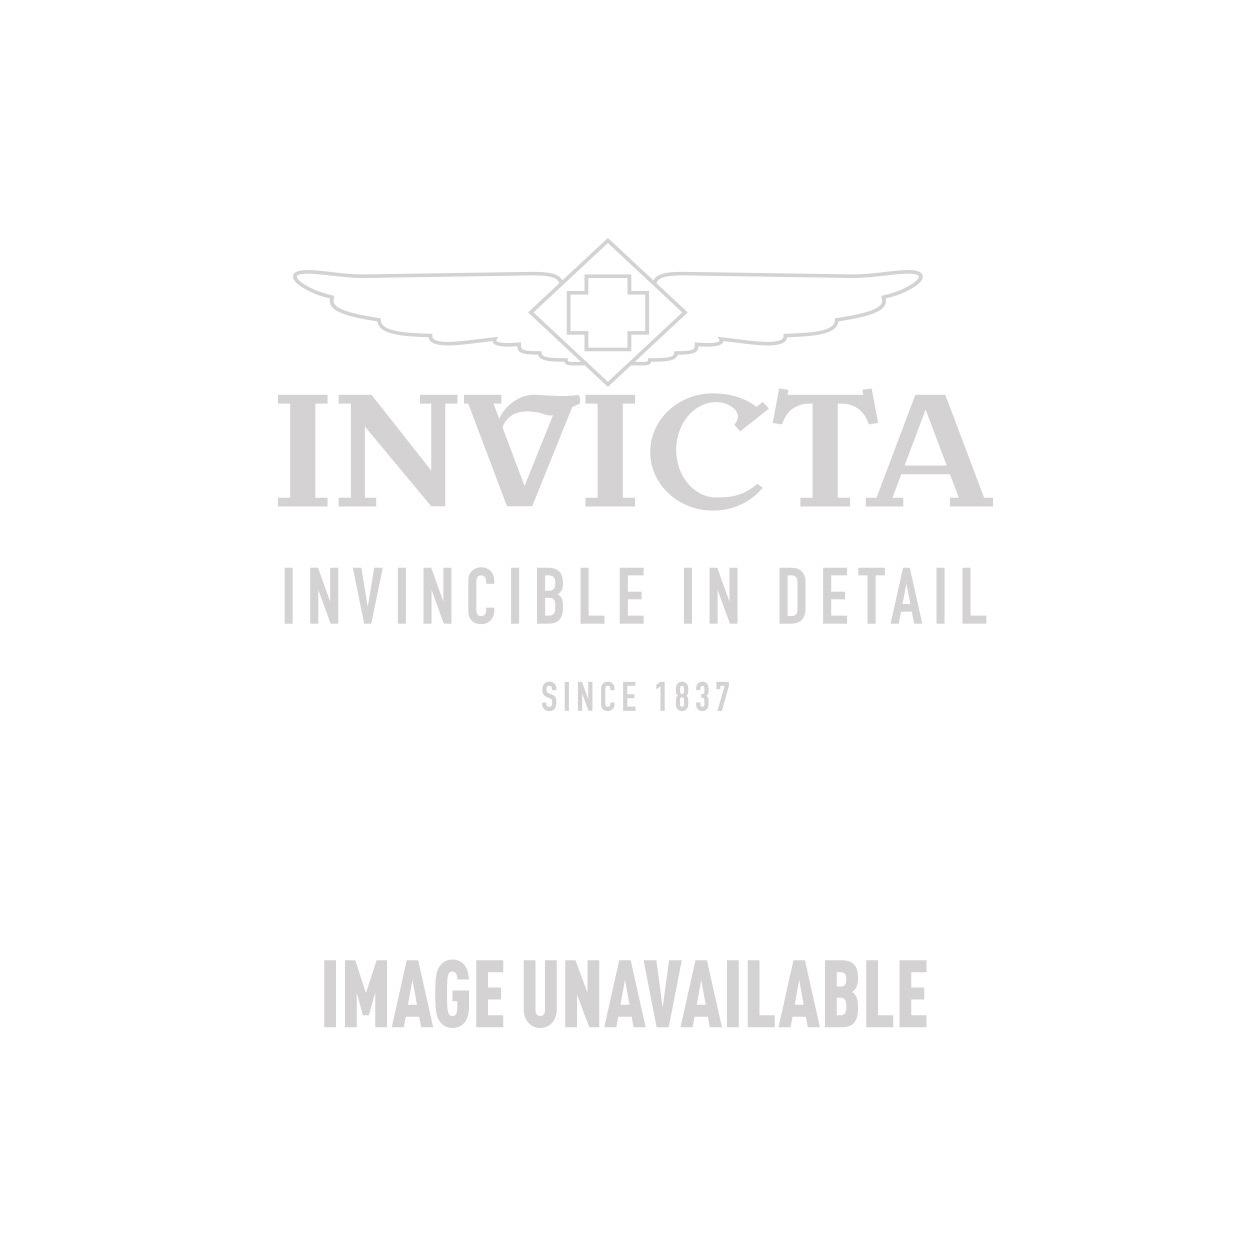 INVICTA Jewelry AISHA Rings None 13 Silver 925 and Enamel Rhodium+Black+White - Model J0109